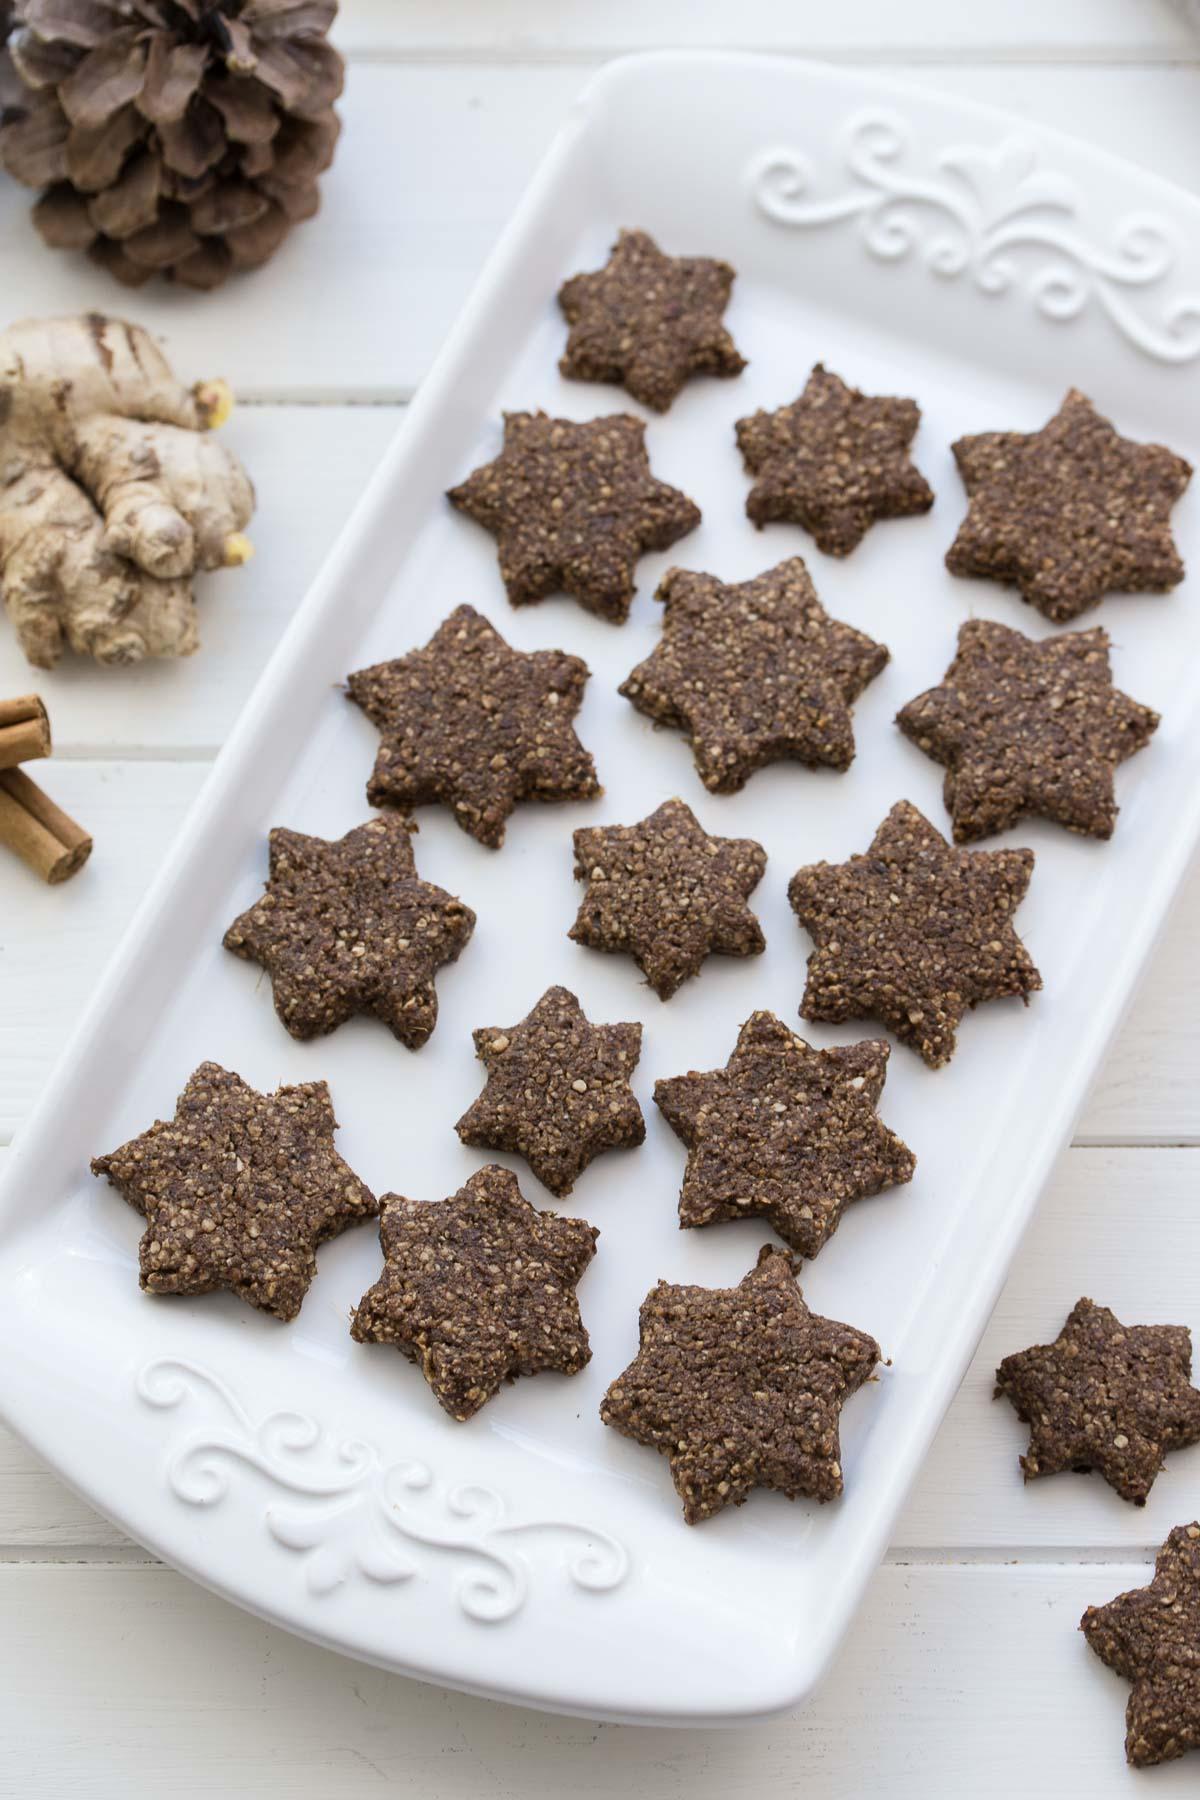 Glutenfreie Ingwer-Kekse mit Frischen Ingwer, Zimt, Ahornsirup, unraffiniertem <a href=